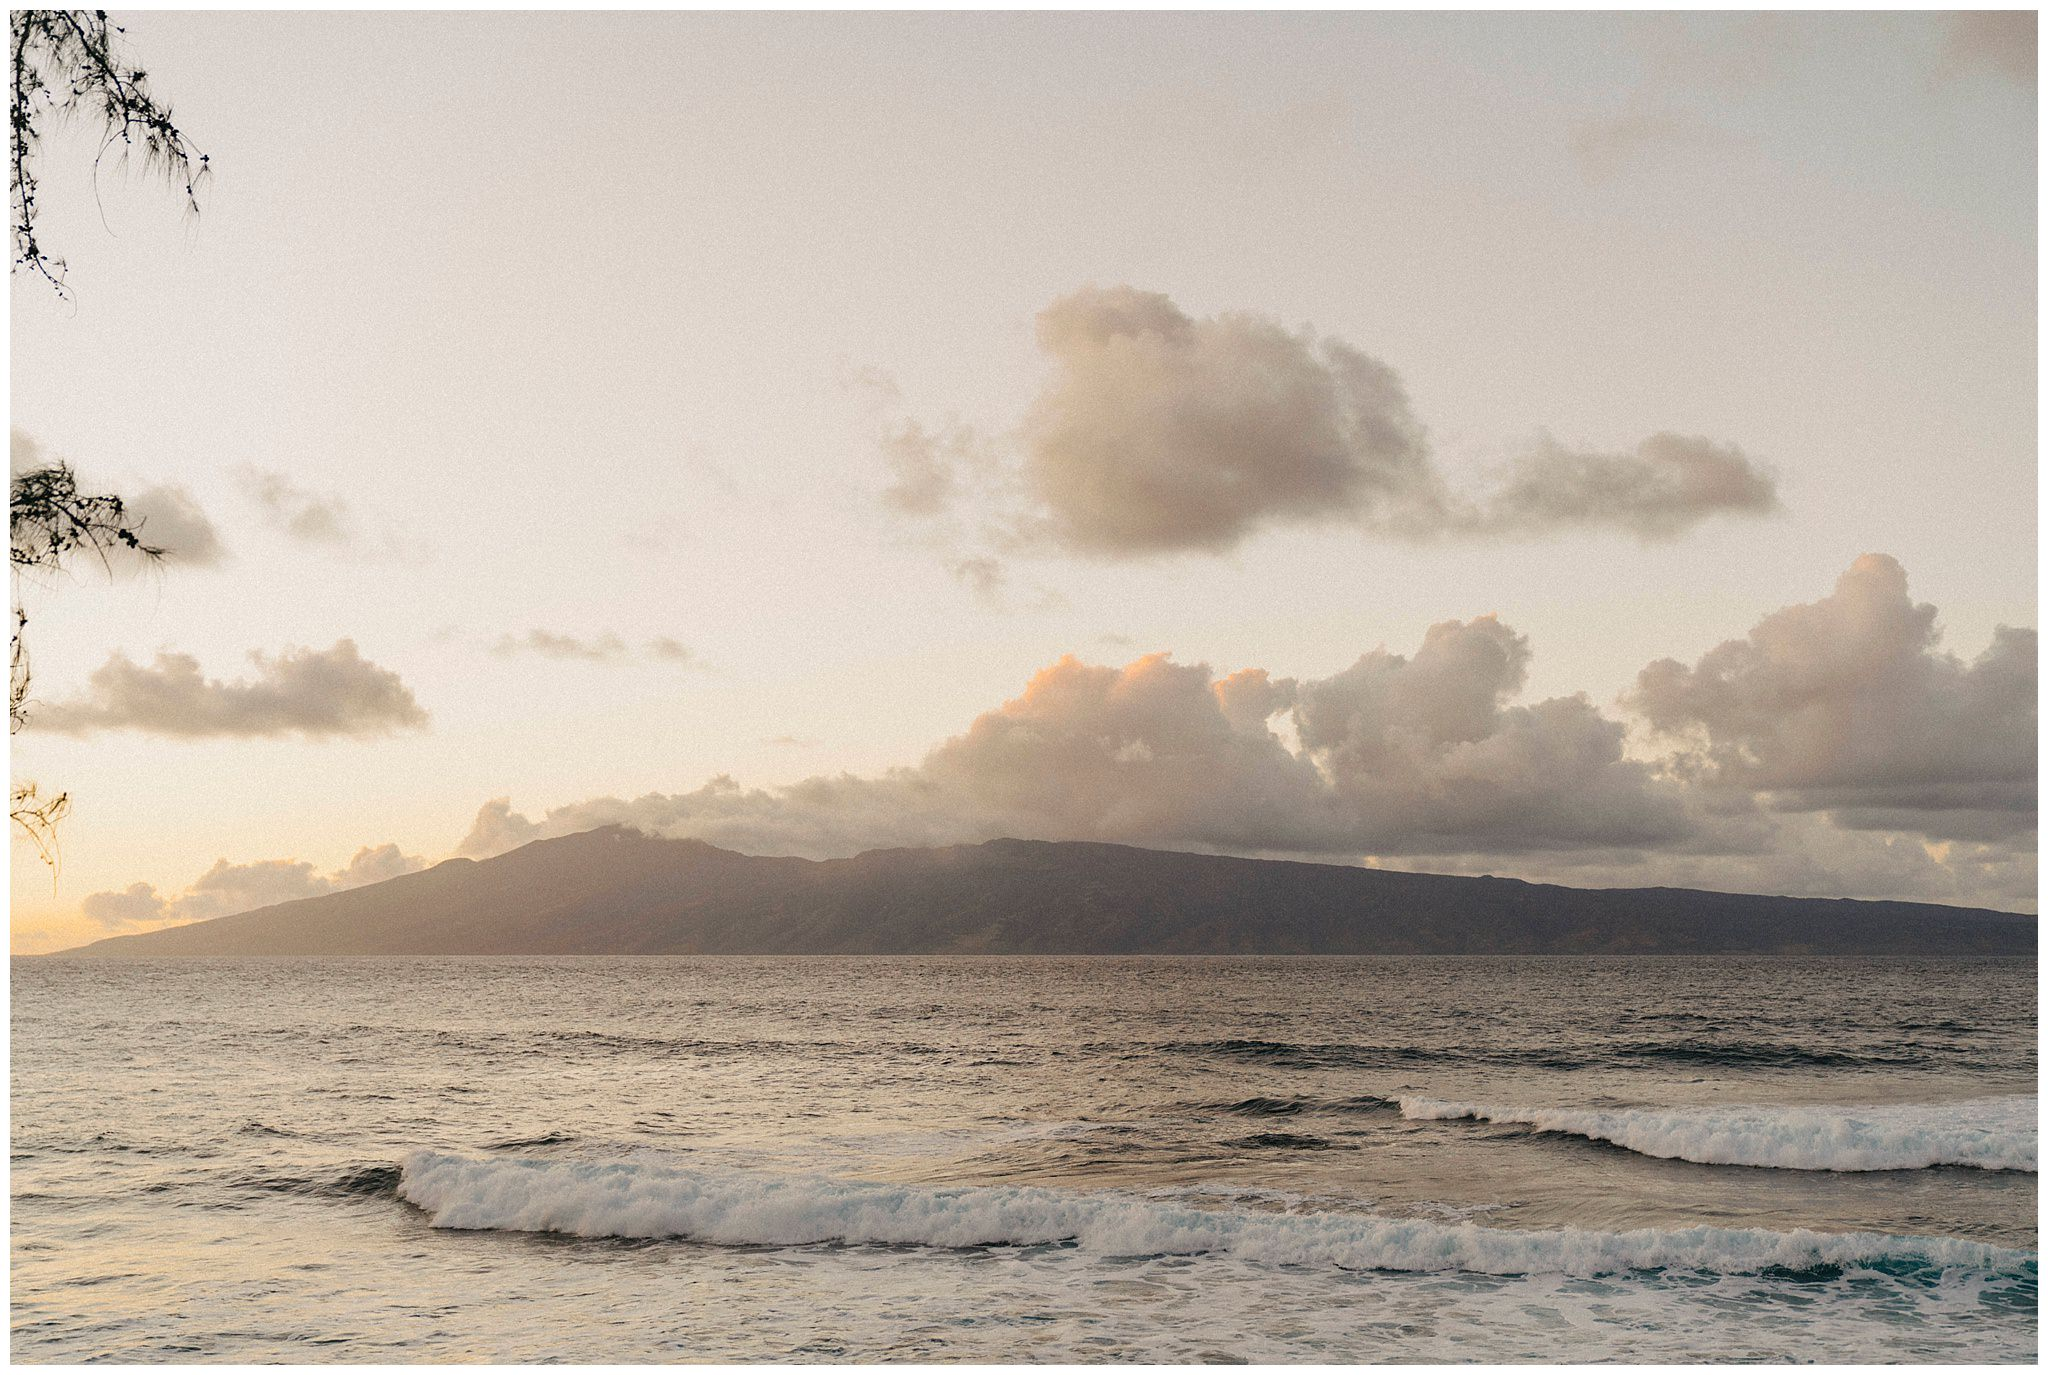 Maui-Elopement-Photography7.jpg